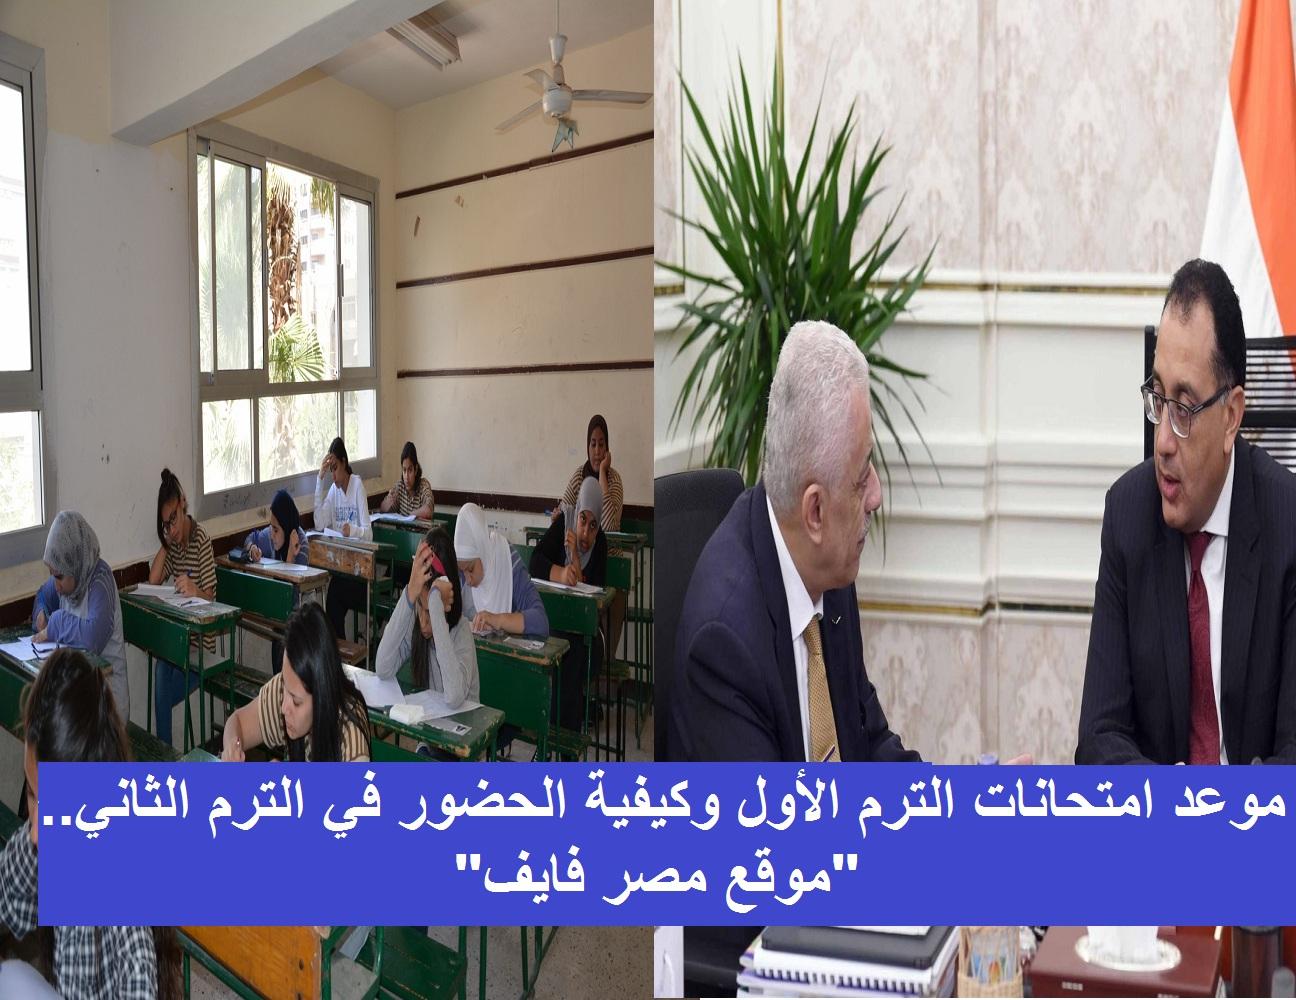 بيان رسمي.. مجلس الوزراء يعلن رسمياً موعد امتحانات الترم الأول لجميع الصفوف الدراسية 6